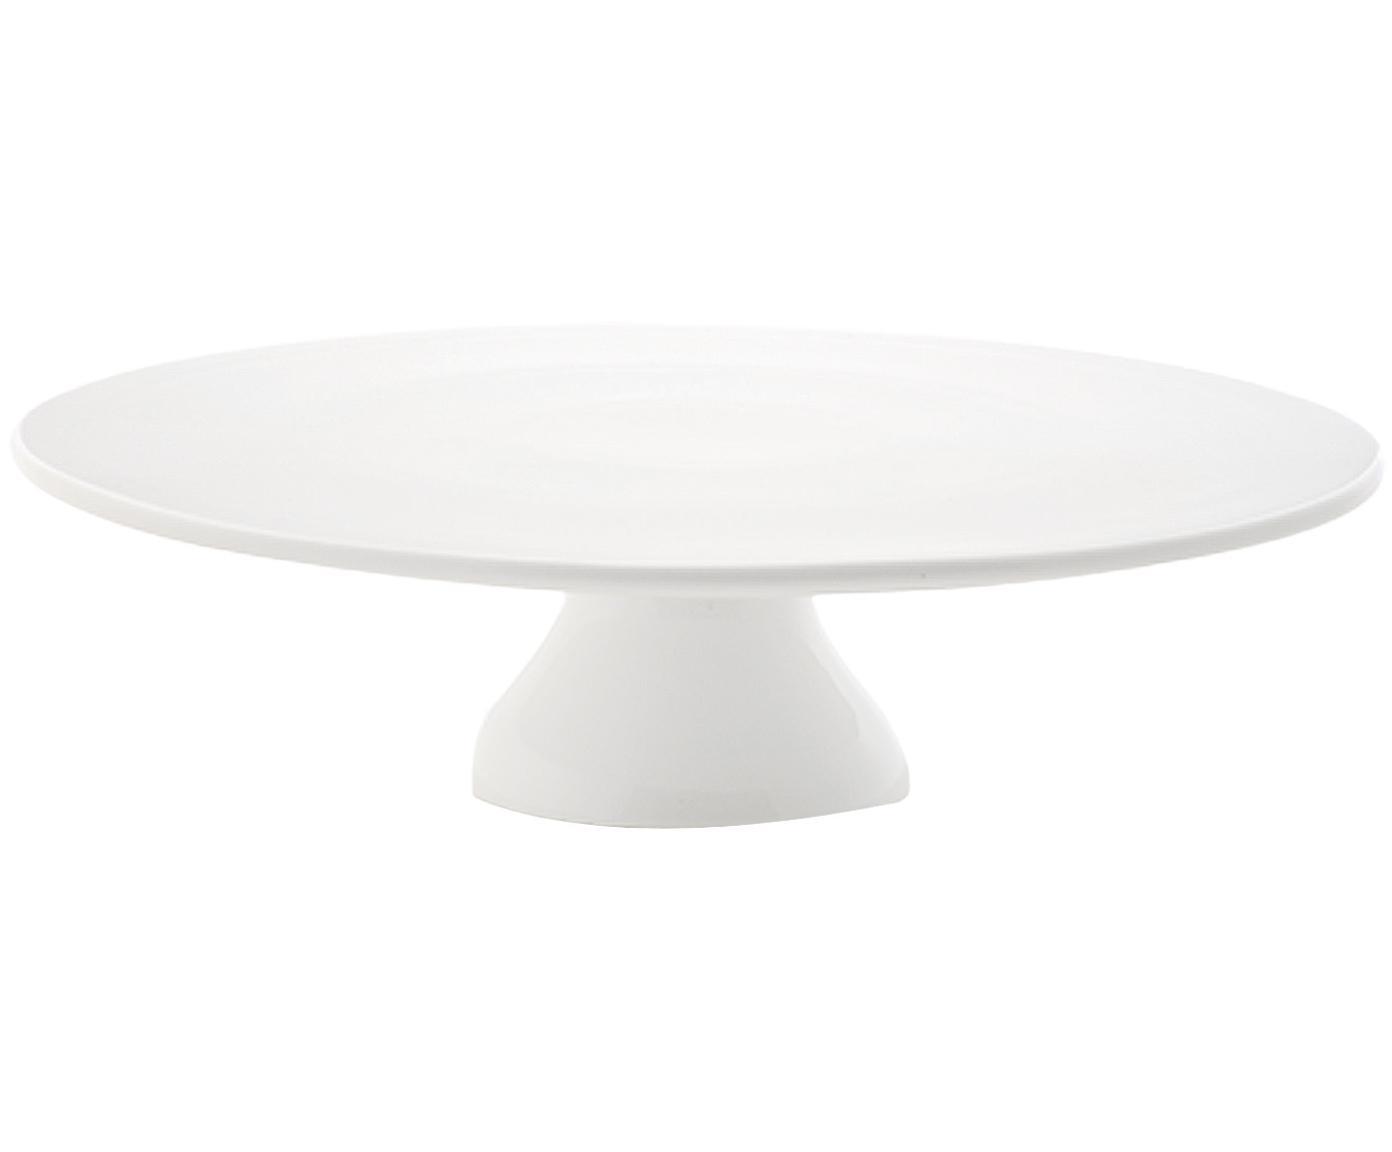 Taartplateau Yanis, Porselein, Wit, Ø 33 cm